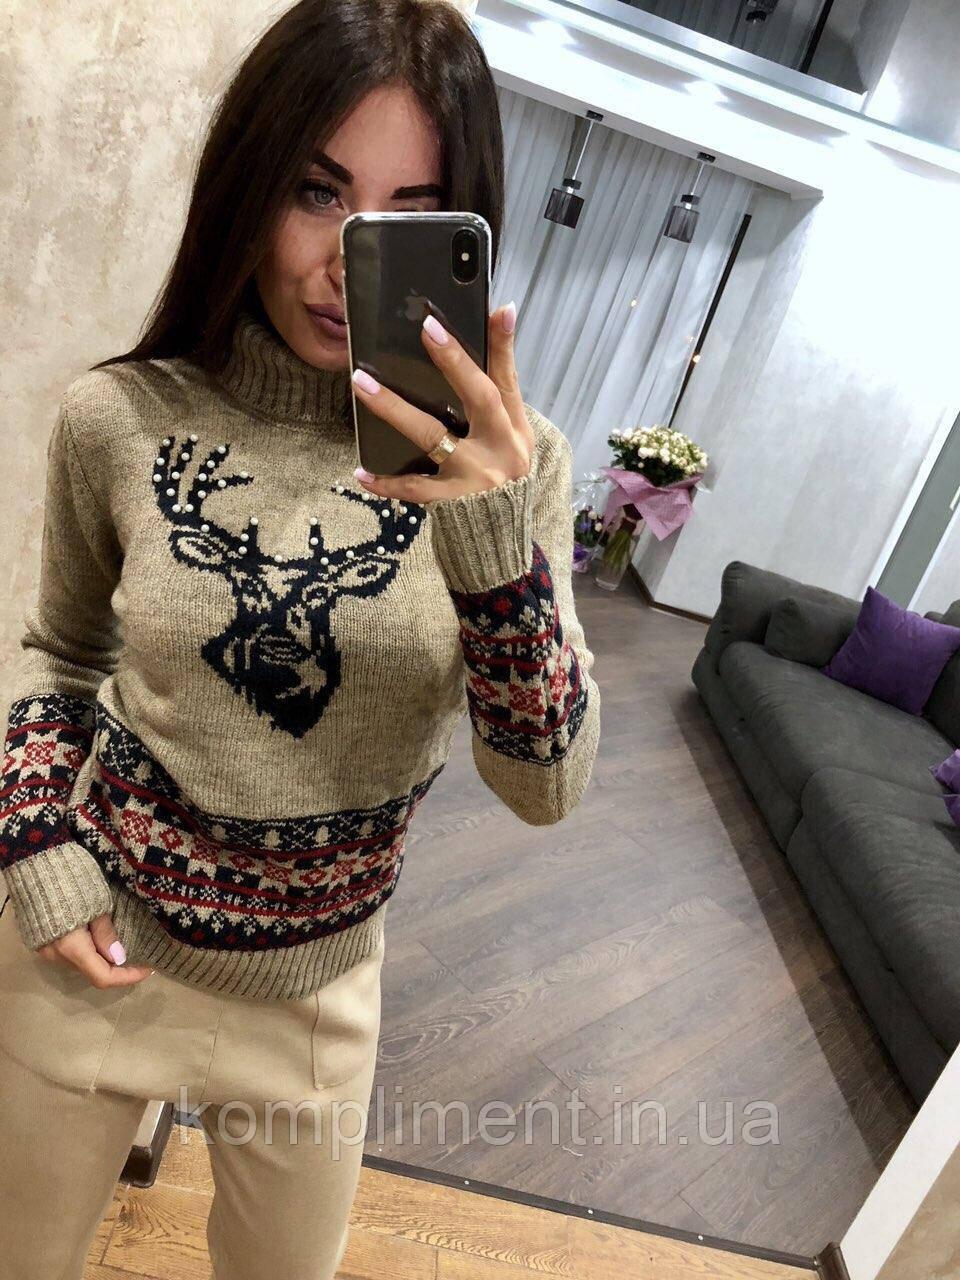 Вязаный свитер женский шерстяной с рисунком,бежевый.Производство Турция.NВ 2405